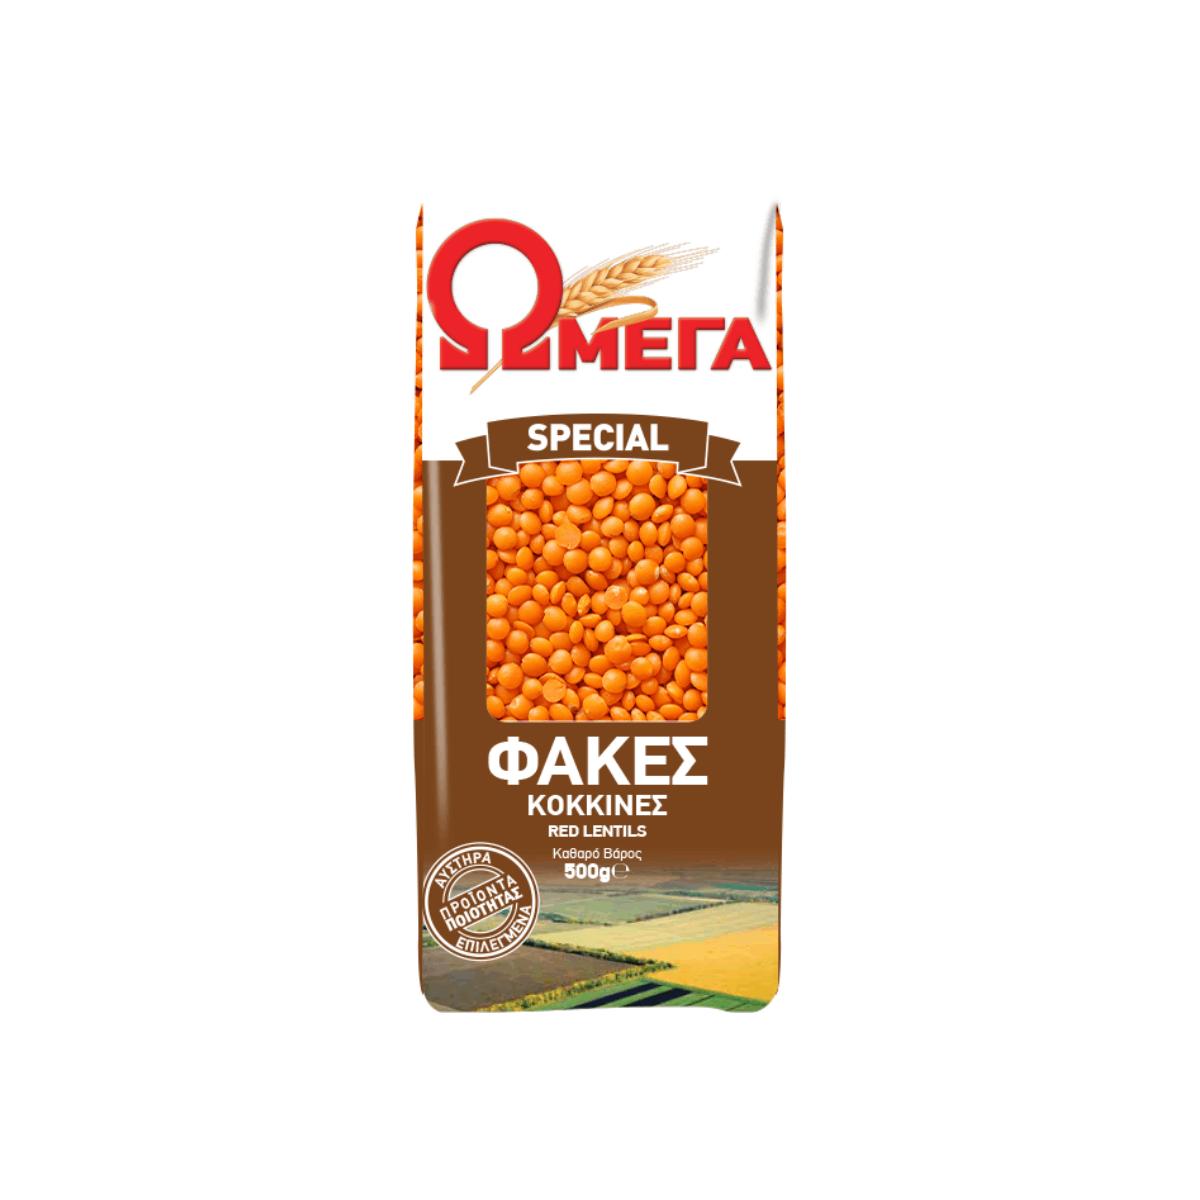 OMEGA Special Red Lentils